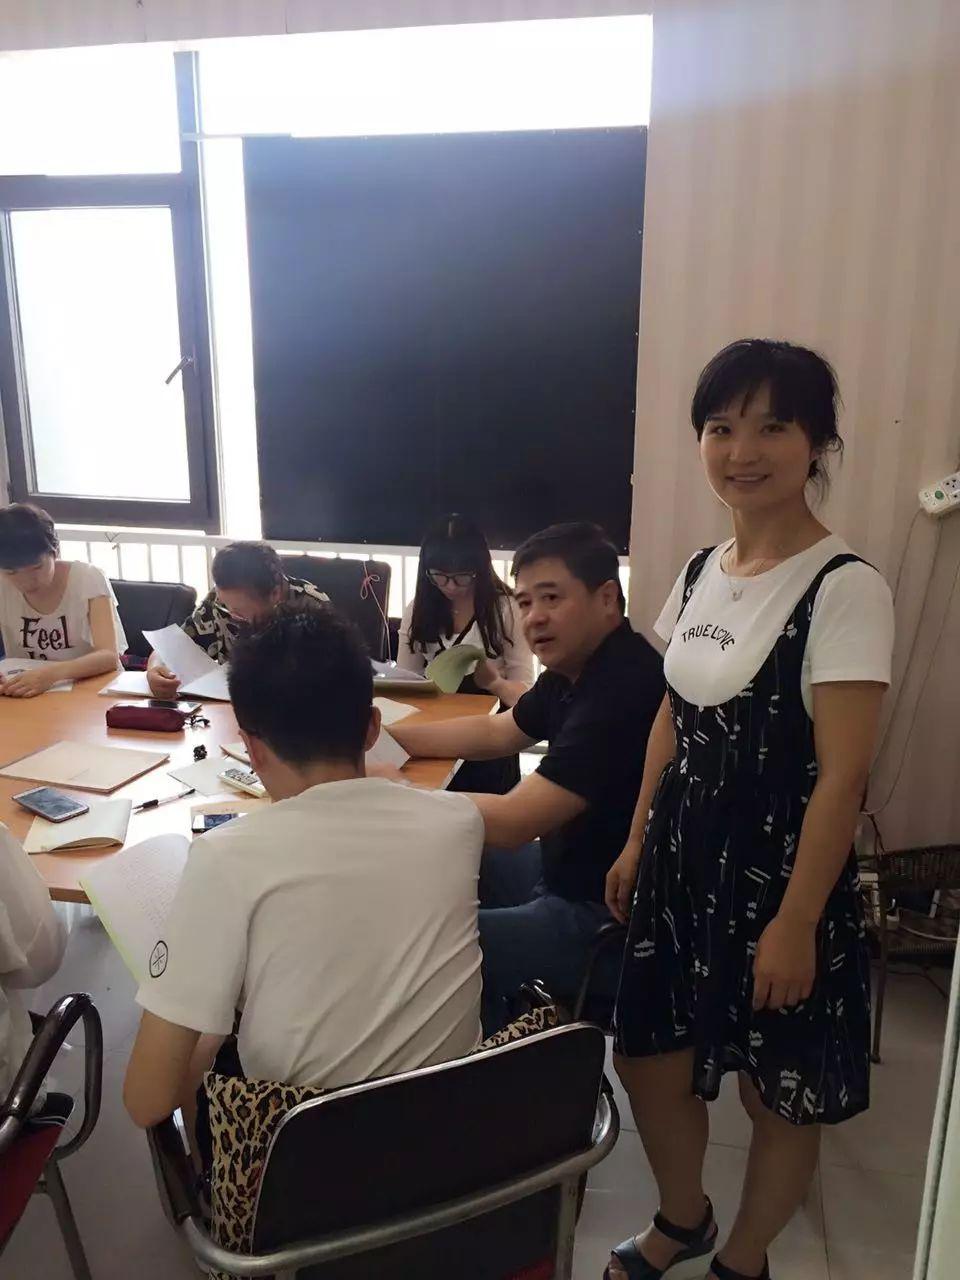 北京微俄语教育俄语学习班出国留学班培训班朝阳海淀通州顺义丰台